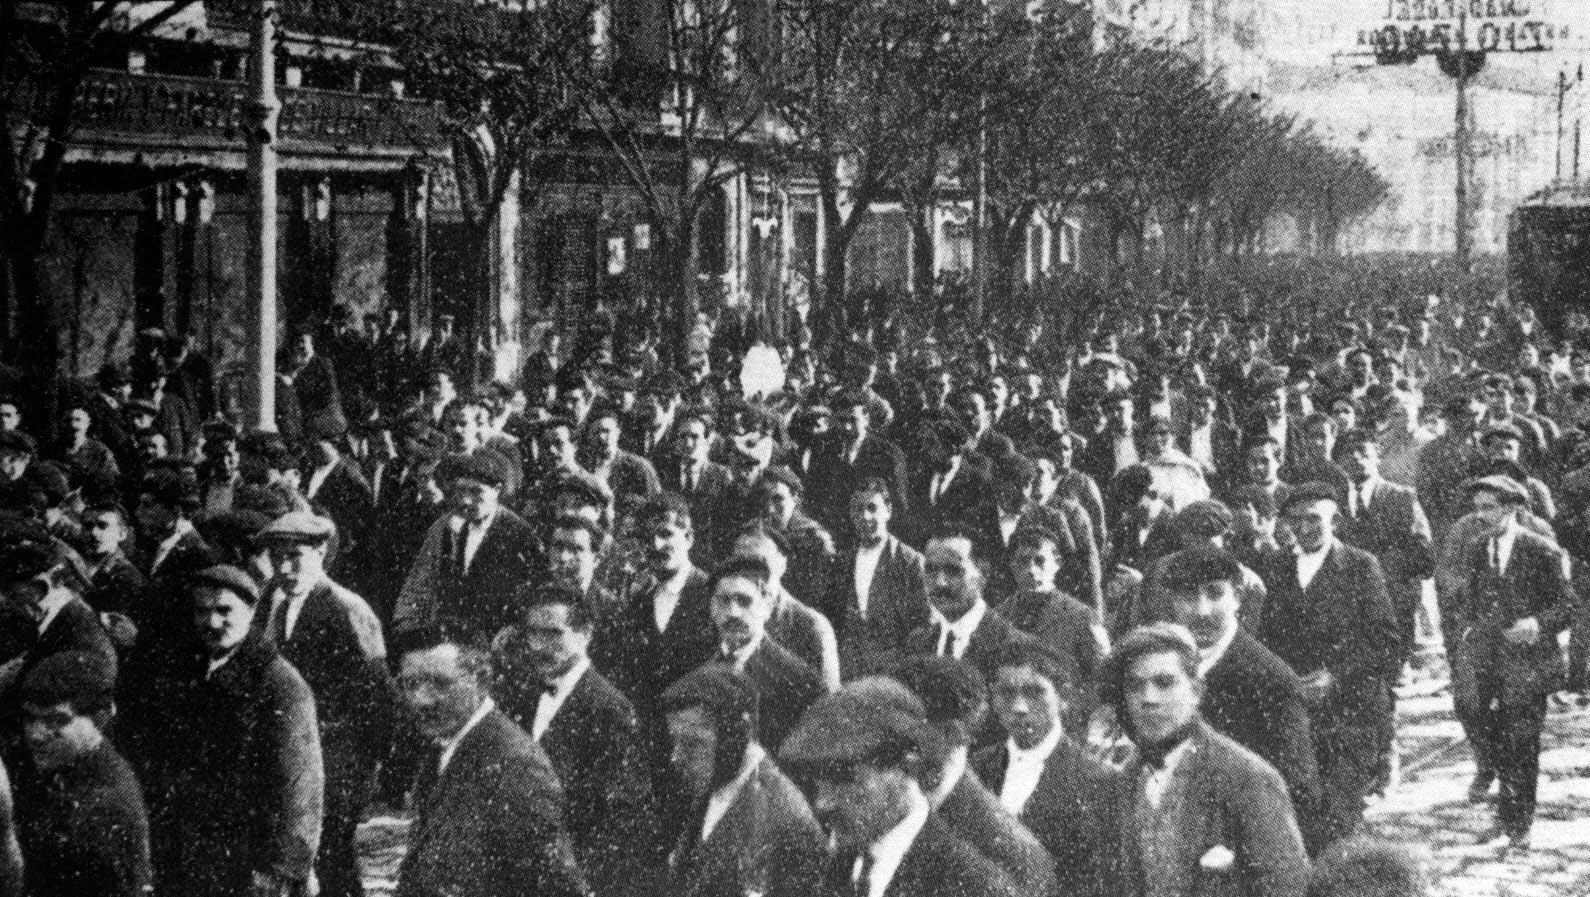 """Recordando a La Canadiense: la huelga que nos trajo la jornada de ocho horas  """"Con el fin de obligar a las clases dominantes a aquellos cambios fundamentales del sistema que garanticen al pueblo el mínimo de condiciones decorosas de vida y de desarrollo de sus actividades emancipadoras, se impone que el proletariado español emplee la huelga general, sin plazo definido de terminación, como el arma más poderosa que posee para reivindicar sus derechos"""".  Manifiesto de CNT llamando a la huelga de marzo de 1917.  Uno de los mejores ejemplos de lucha a través de la huelga lo podemos obtener de La huelga de La Canadiense en 1919, que obligó al Gobierno a conceder la jornada de ocho horas en el Estado español. Todo empezó a finales de enero de 1919 en la empresa Riegos y Fuerza del Ebro, S.A., empresa asociada a la Barcelona Traction Light and Power, llamada La Canadiense, la mayor productora de energía europea.  El desencadenante de la huelga fue el despido de ocho trabajadores de la unidad de facturación, que habían intentado formar un sindicato ante el continuo empeoramiento de sus condiciones laborales. Al día siguiente, la unidad entera se declaró en huelga por el despido, lo que fue respondido por la empresa con 140 huelguistas despedid@s. En unos días, la huelga en solidaridad con l@s represaliad@s se extendió por toda la empresa y al poco tiempo el Sindicato Único de Agua, Gas y Electricidad de la CNT declaró la huelga a todo el sector y a las empresas asociadas a La Canadiense.  Esto provocó que toda Barcelona quedara paralizada, al afectar el paro a la electricidad, gas y el sector ferroviario. La respuesta del Estado fue la militarización de la generación y difusión de electricidad, pero la impericia de los militares, unida a los constantes sabotajes obreros mantuvo durante días la ciudad sin luz, extendiéndose los cortes a toda Catalunya. La patronal de la energía amenazó con despedir a l@s obrer@s que no se presentaran a su puesto de trabajo, pero en la difusió"""